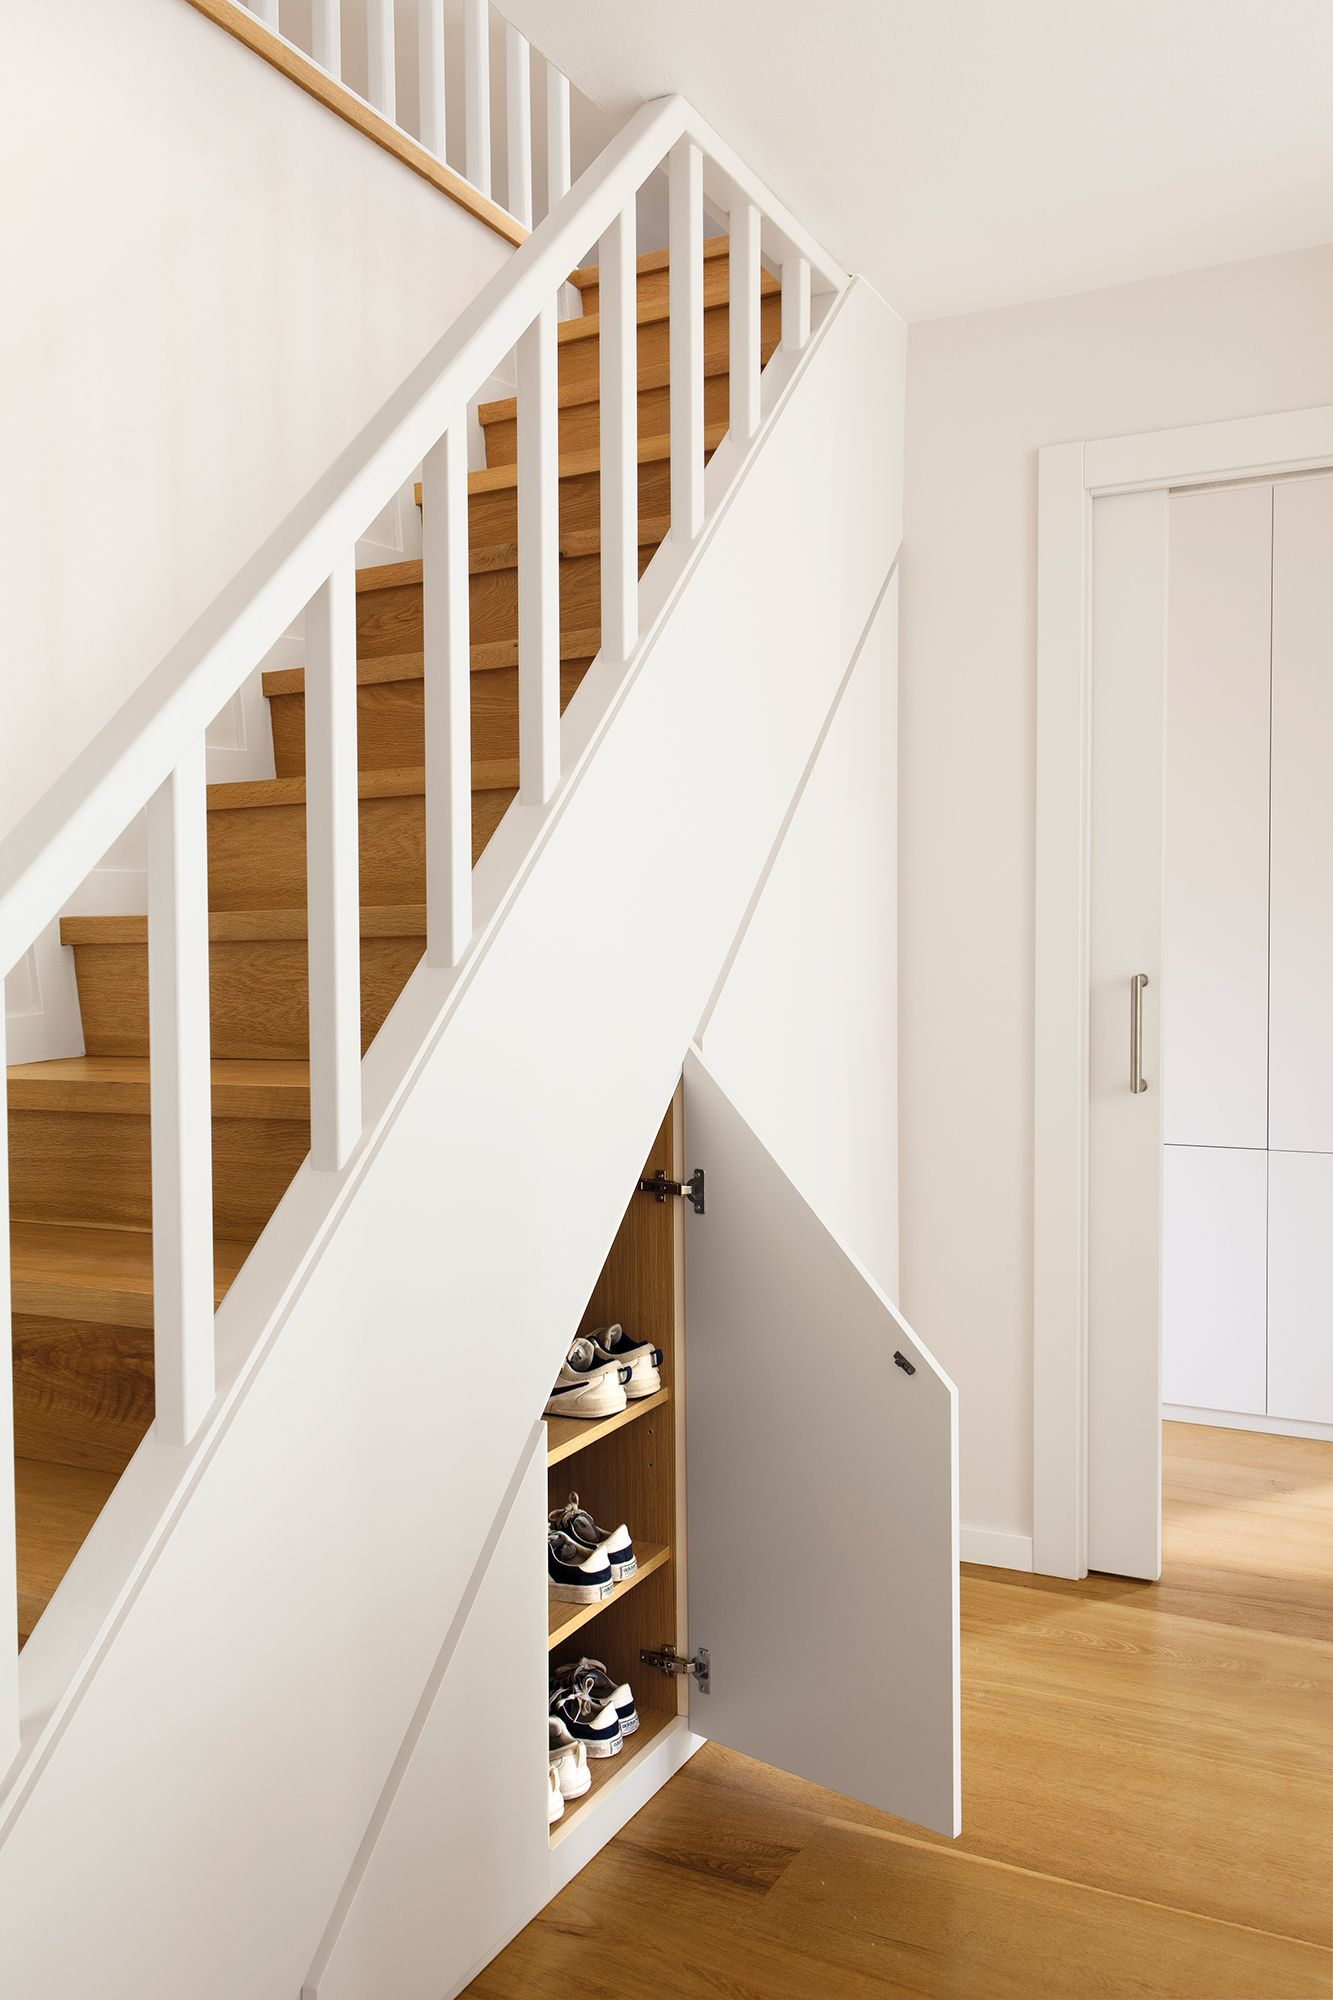 Escalera con pelda os de madera y barandilla blanca - Peldanos escalera madera ...